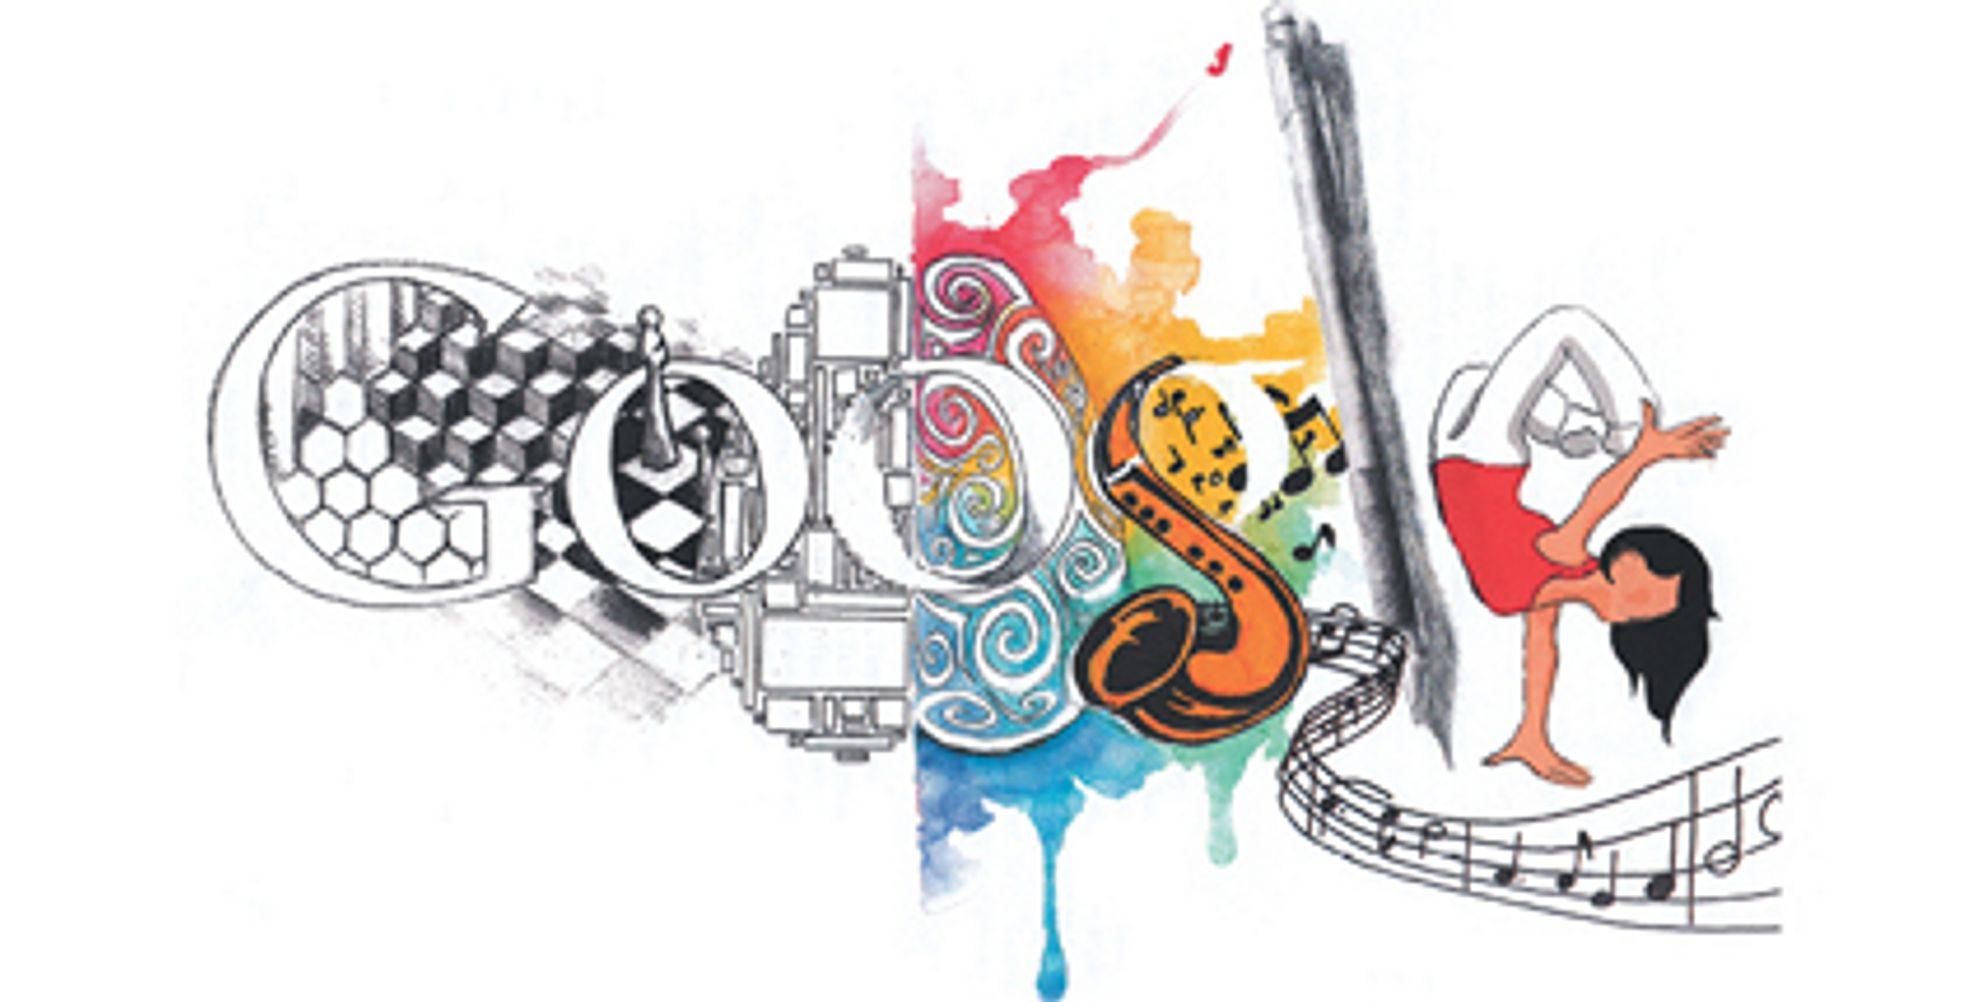 google doodles image 7